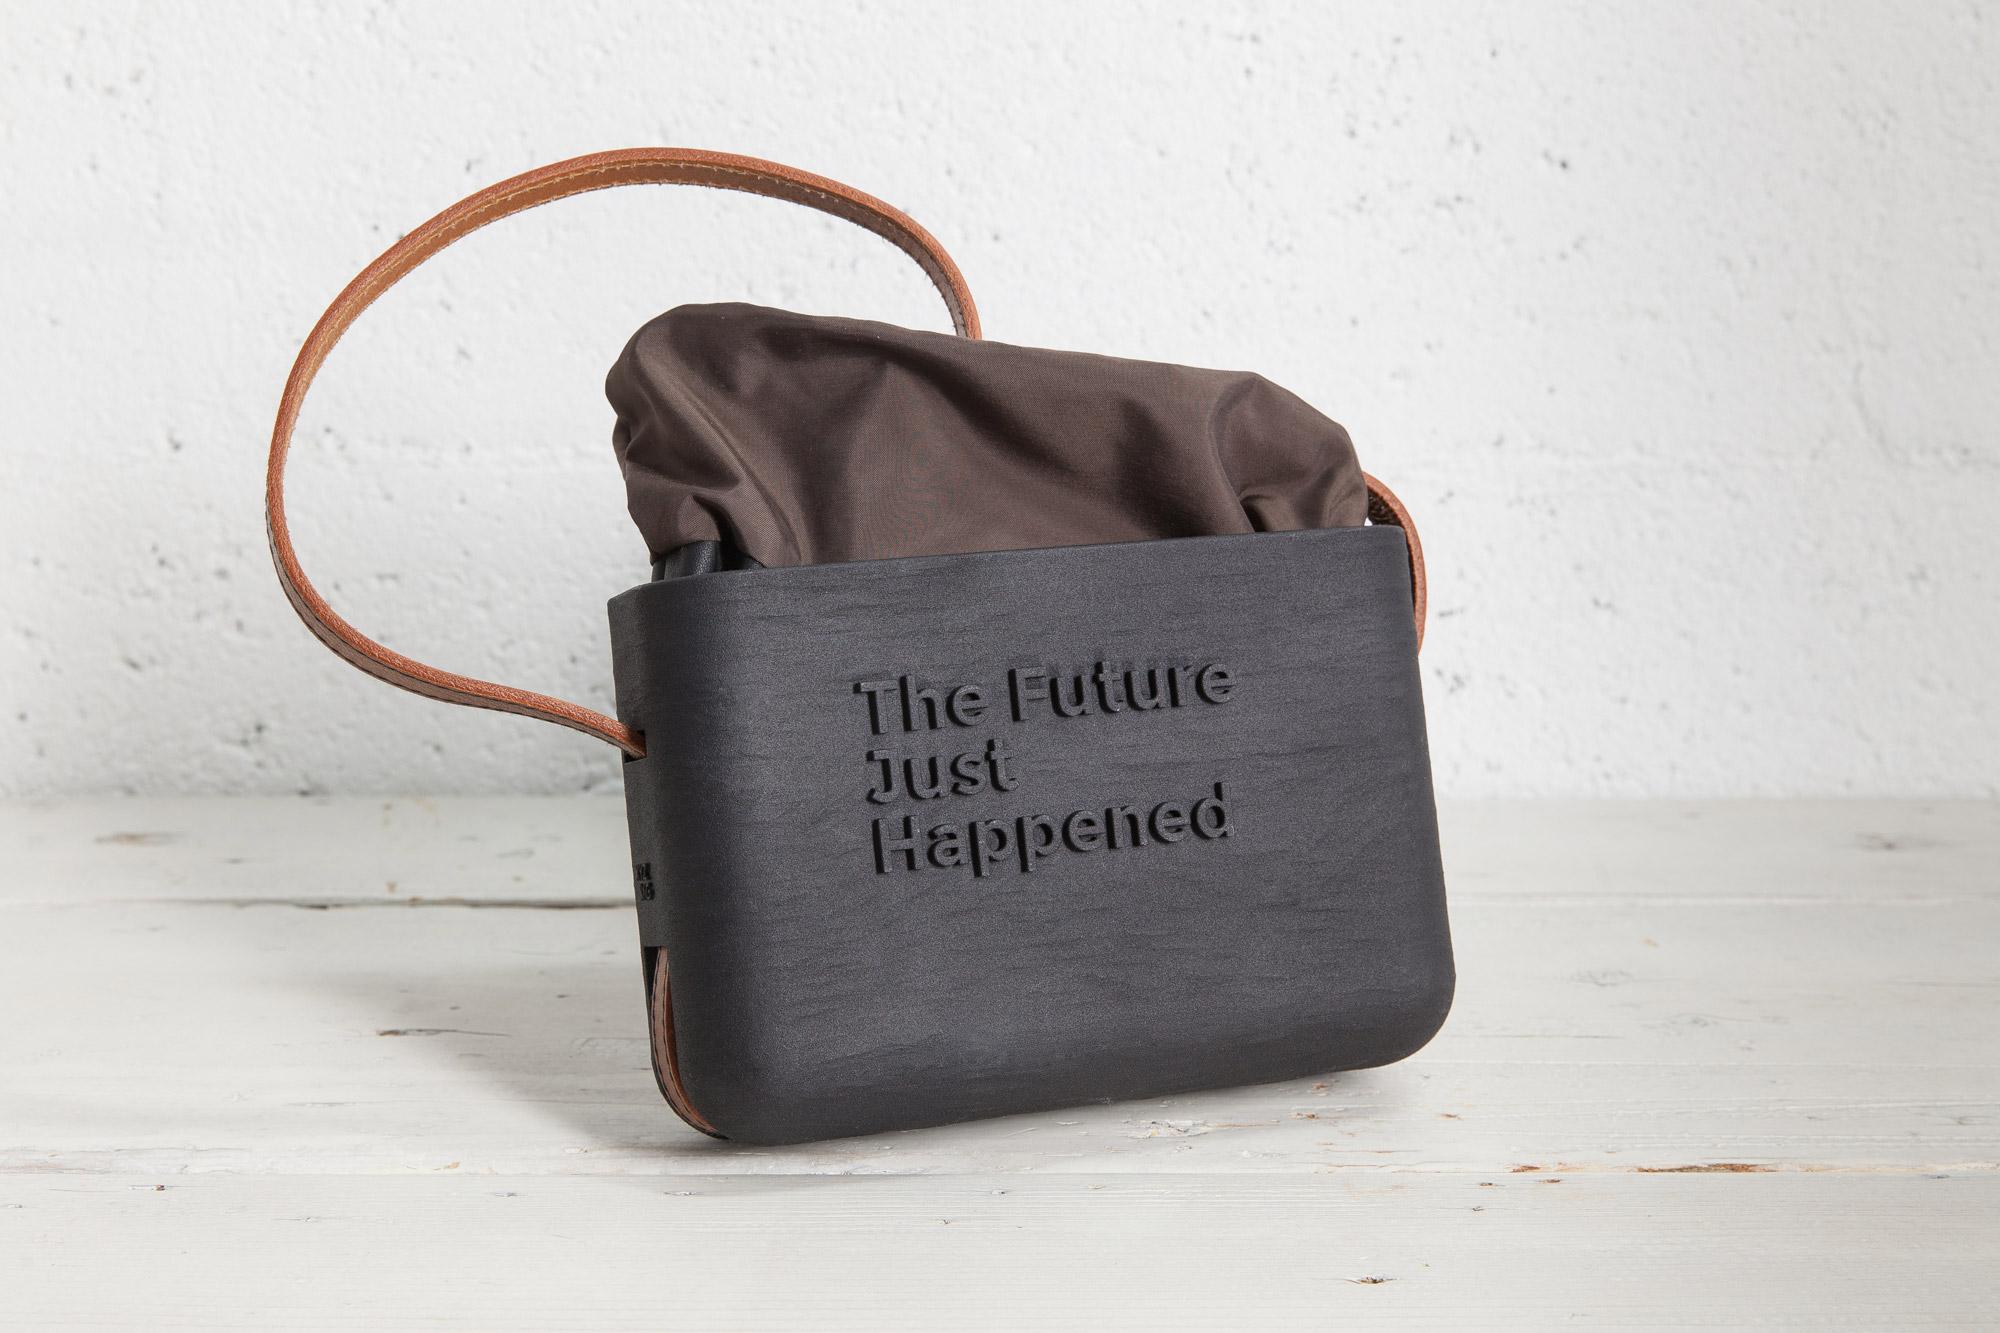 XYZBag. Dada 2, 3D handbag designed as unique item, through a co-created digital sartorial manufacturing process